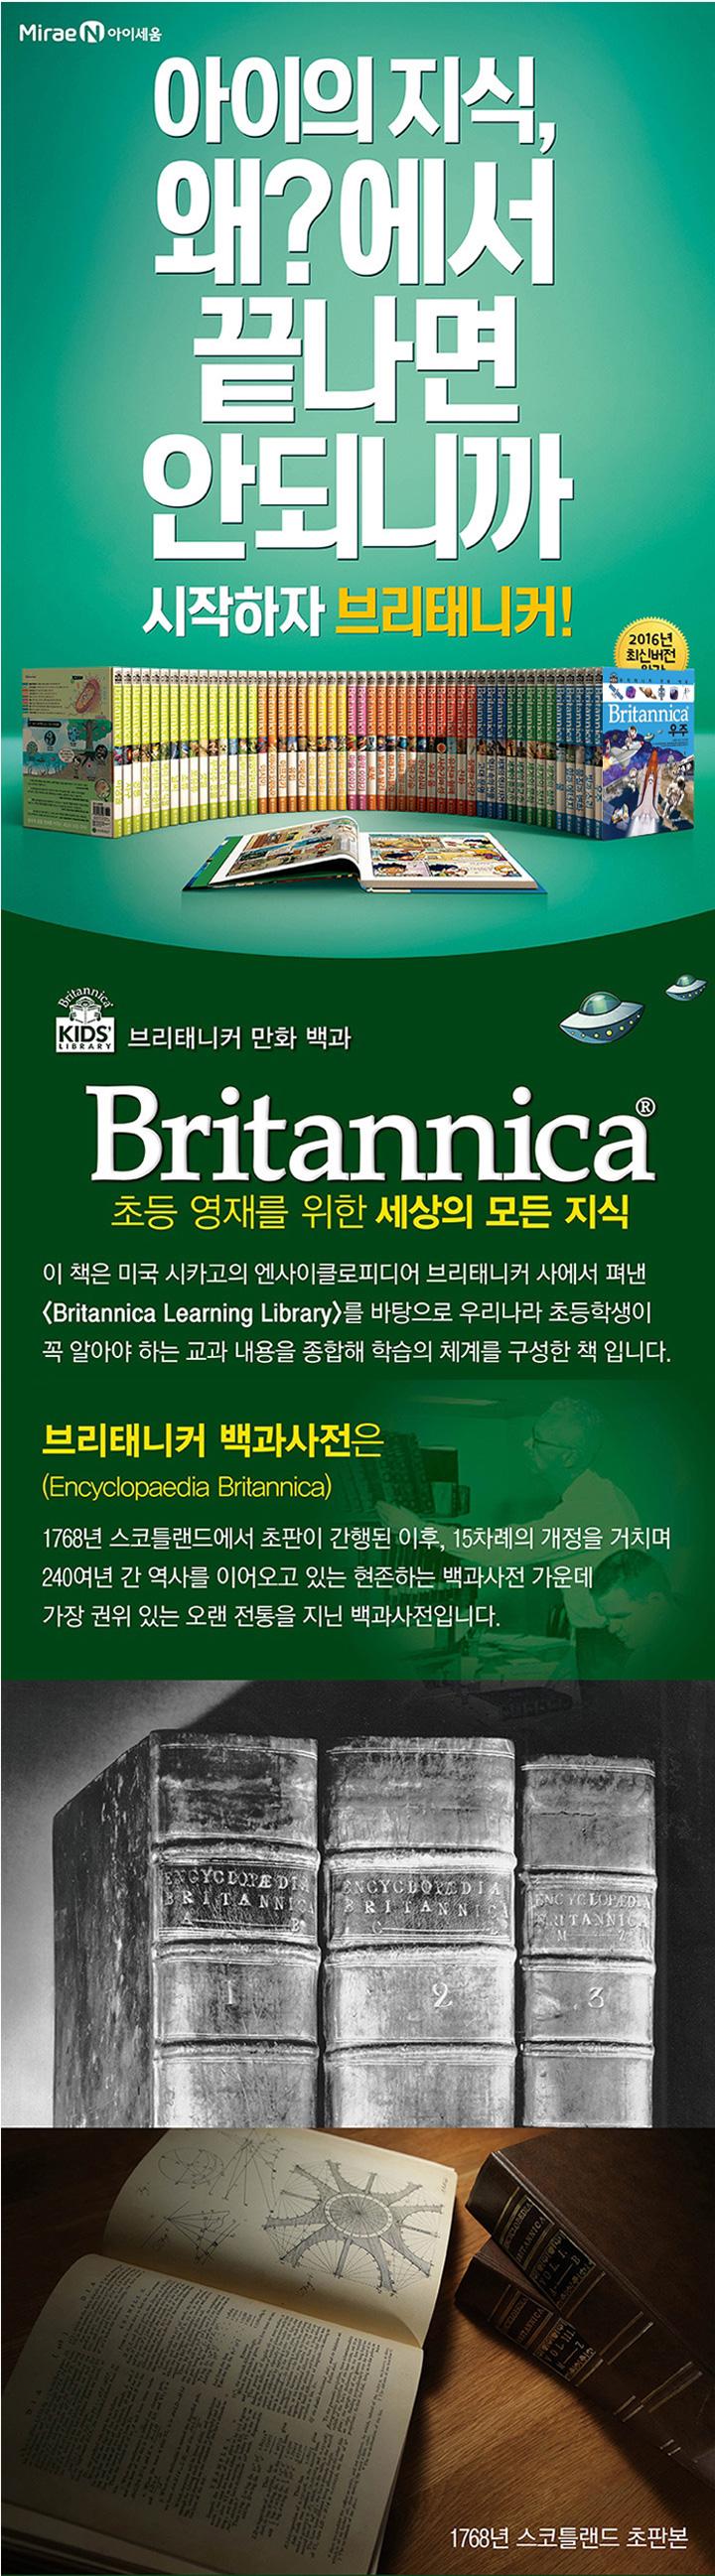 iseum_britannica_intro1.jpg